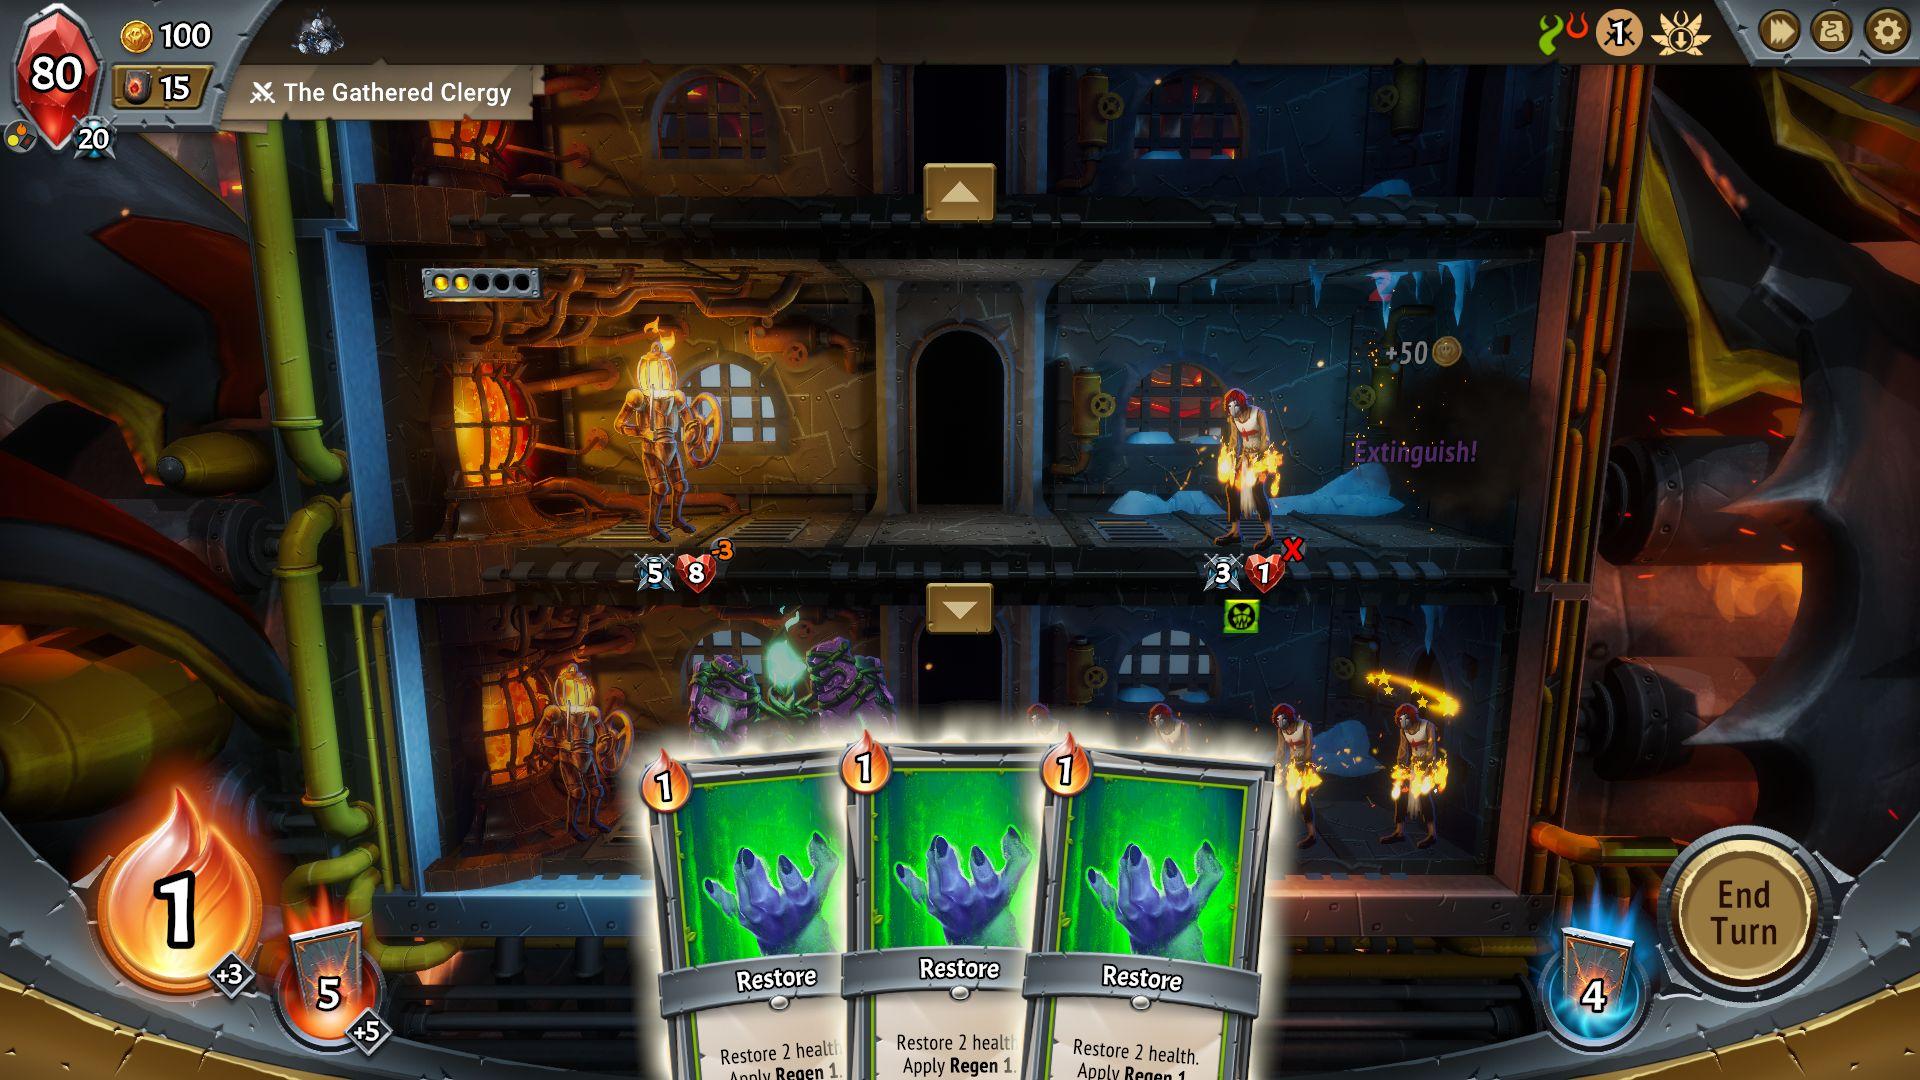 A screenshot of Monster Train showing three regen cards